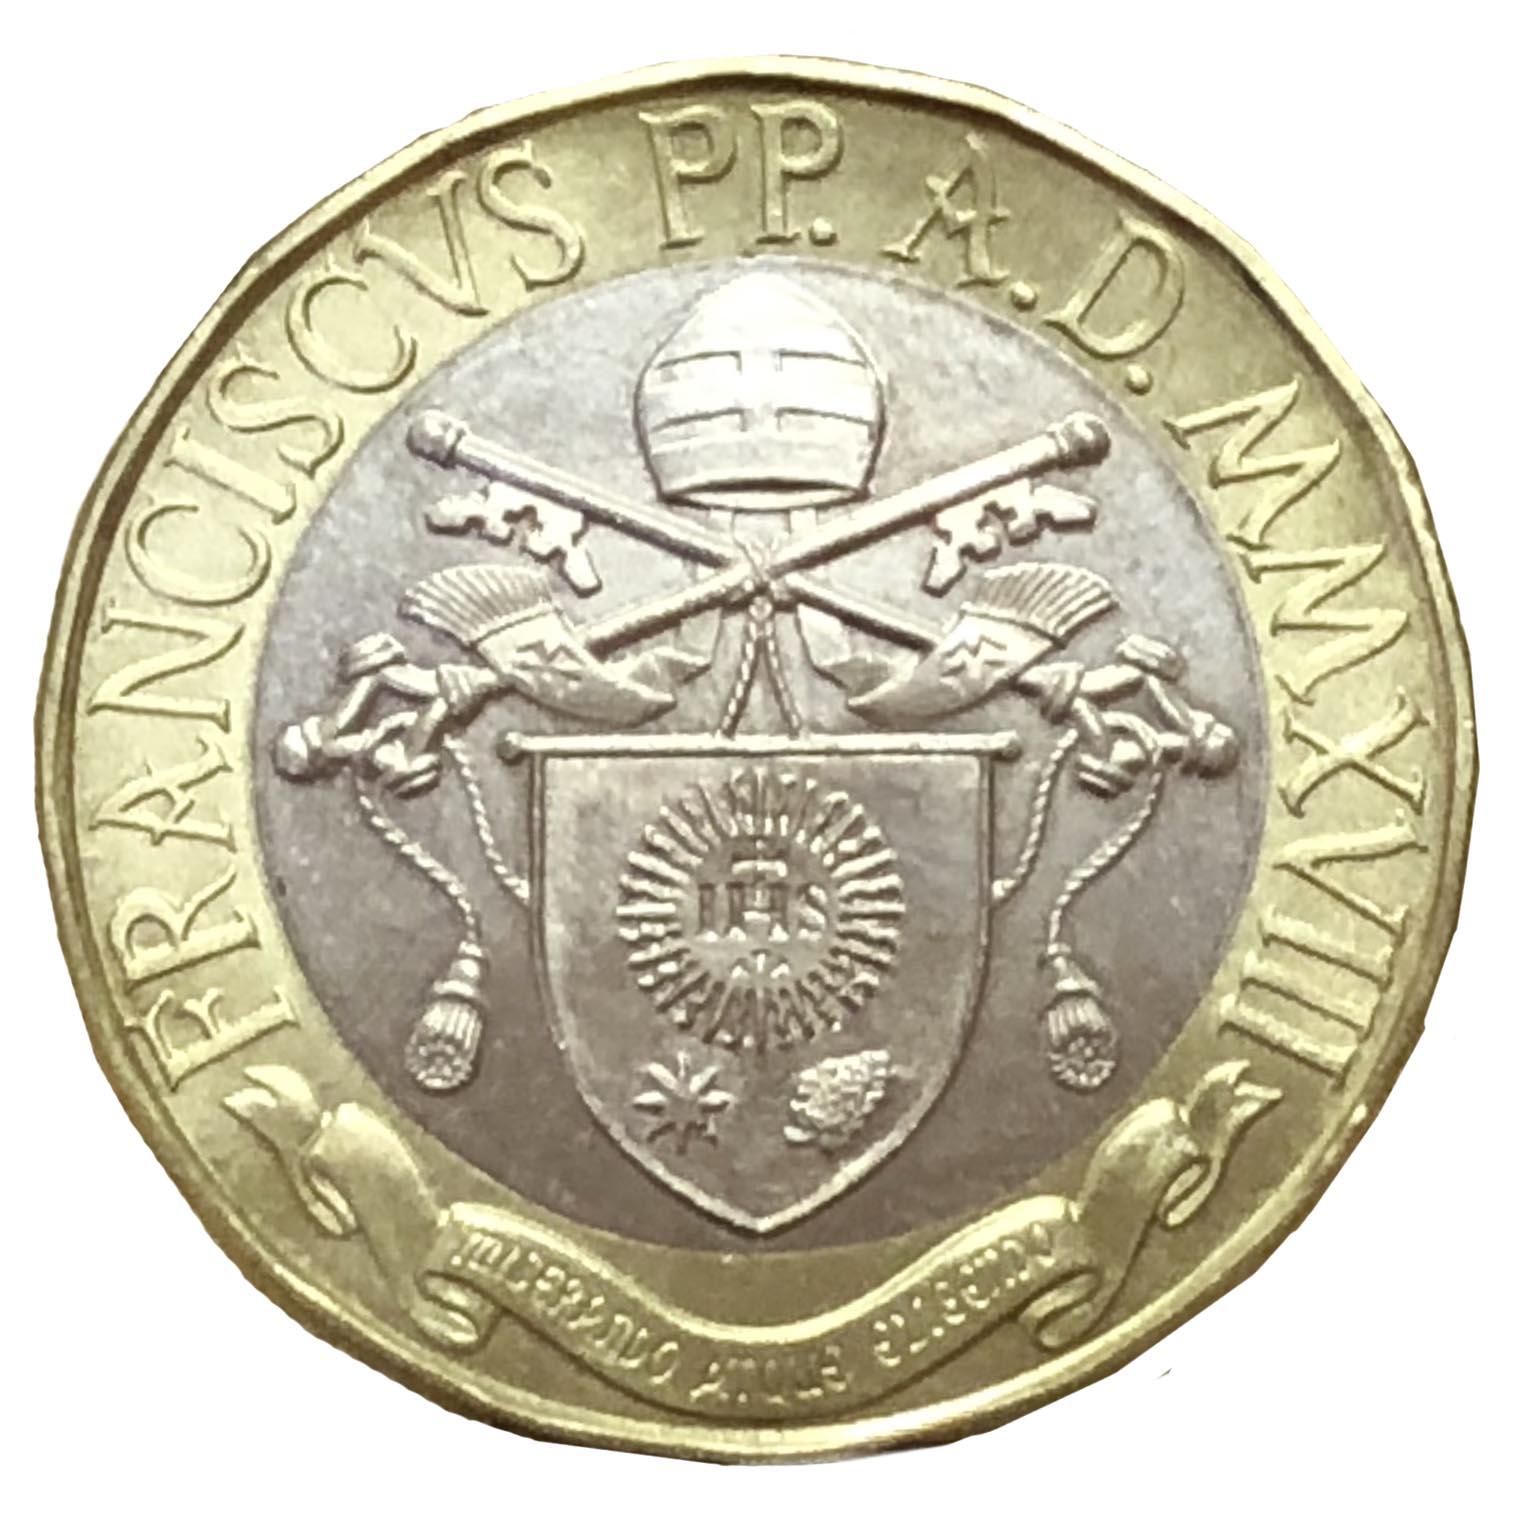 Sono di squisito gusto rinascimentale lo stemma e i caratteri modellati dall'artista Gabriella Titotto per il dritto della moneta